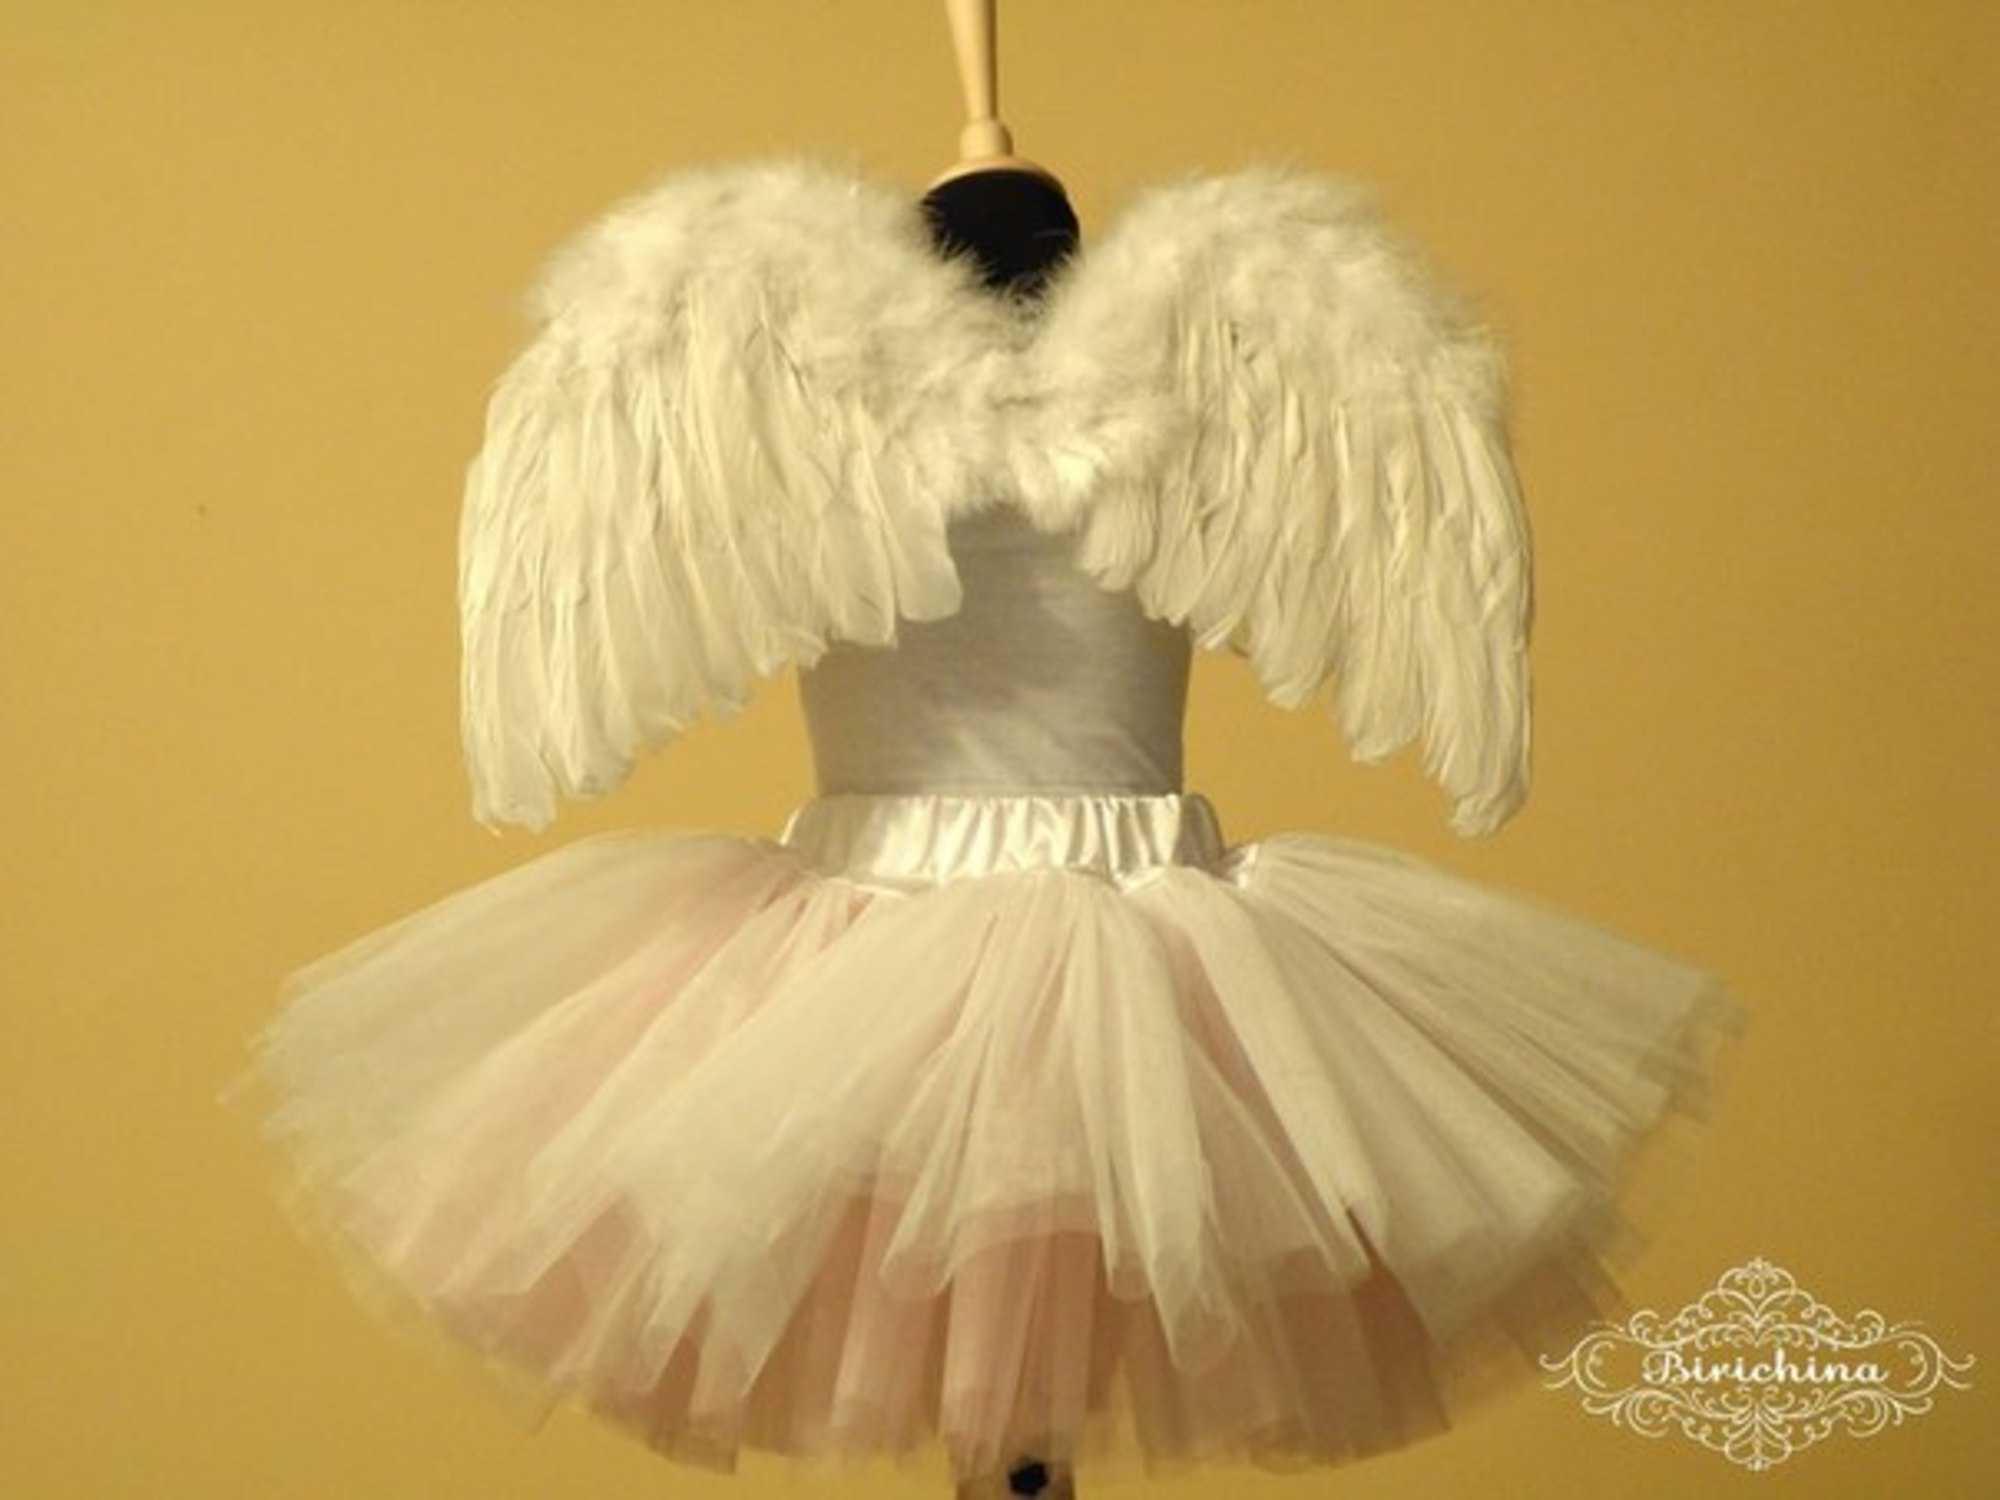 Как сделать костюм с крыльями ангела как сделать крылья ангела своими 51